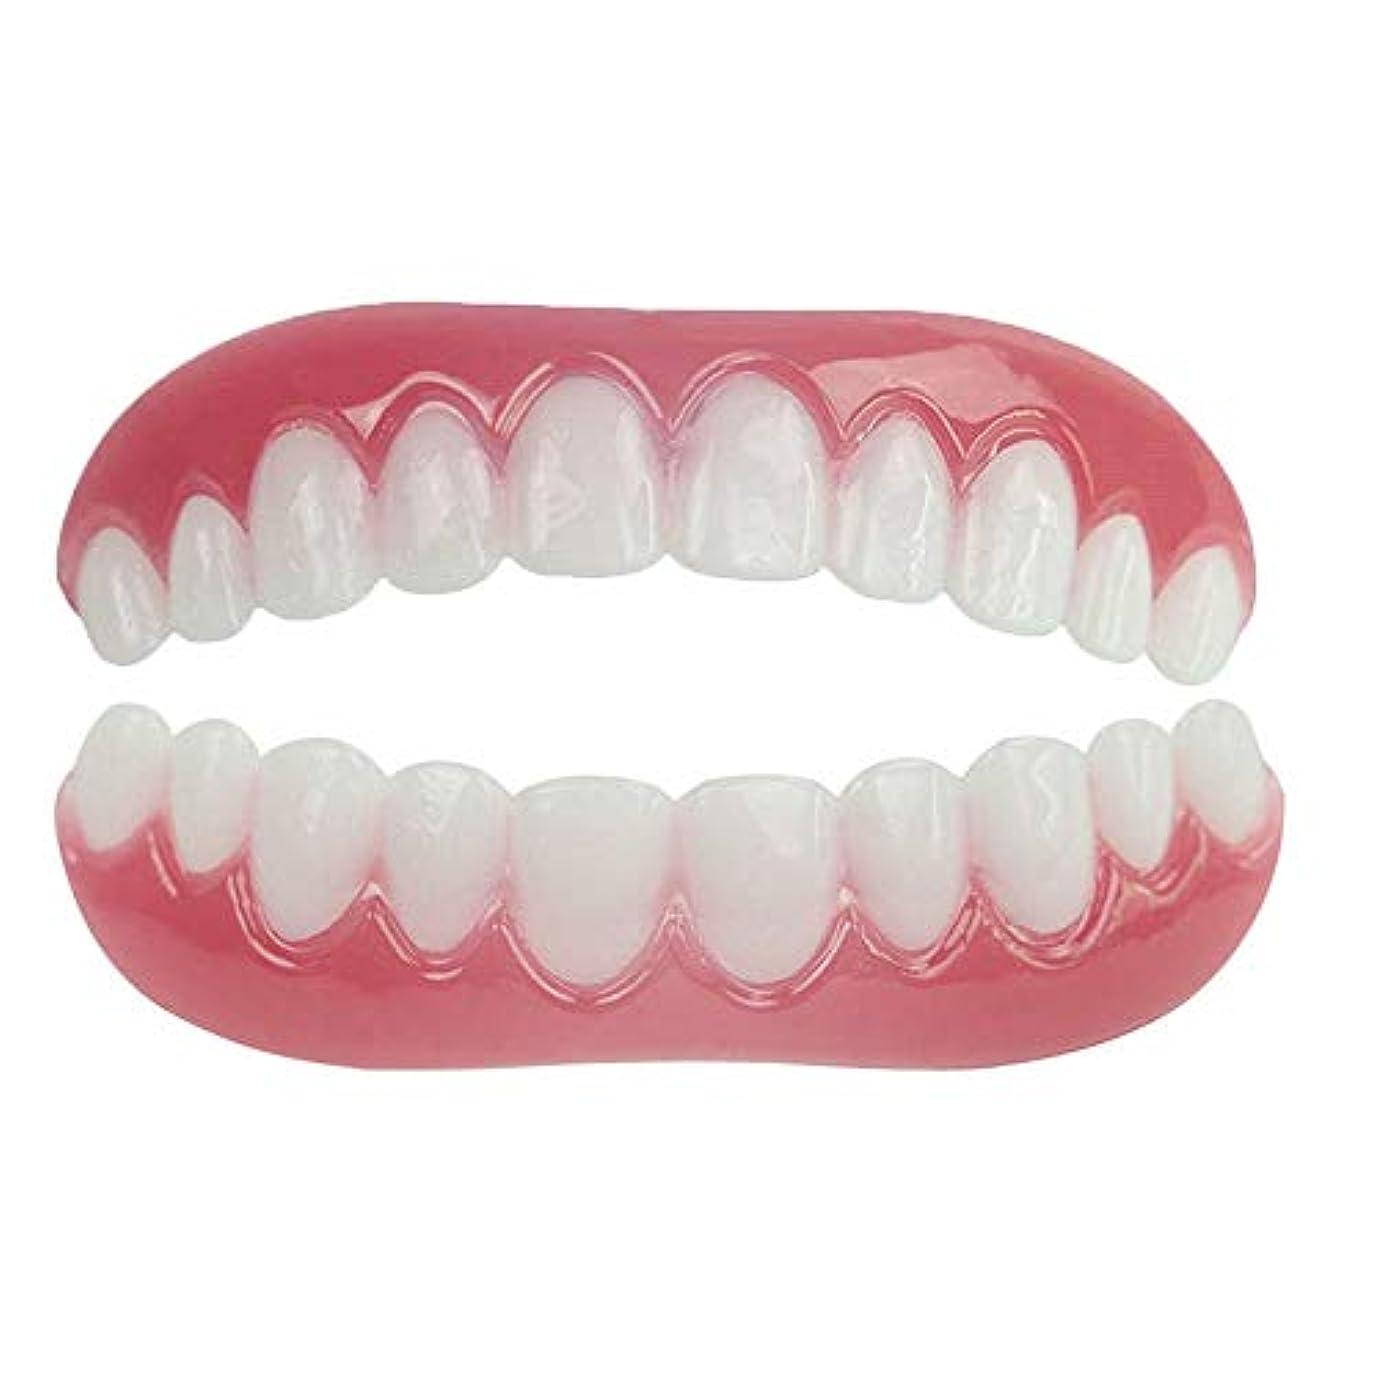 ちっちゃい荒廃する前書きシリコンシミュレーションの上部および下部義歯スリーブ、歯科用ベニヤホワイトニングティーセット(1セット),Boxed,UpperLower